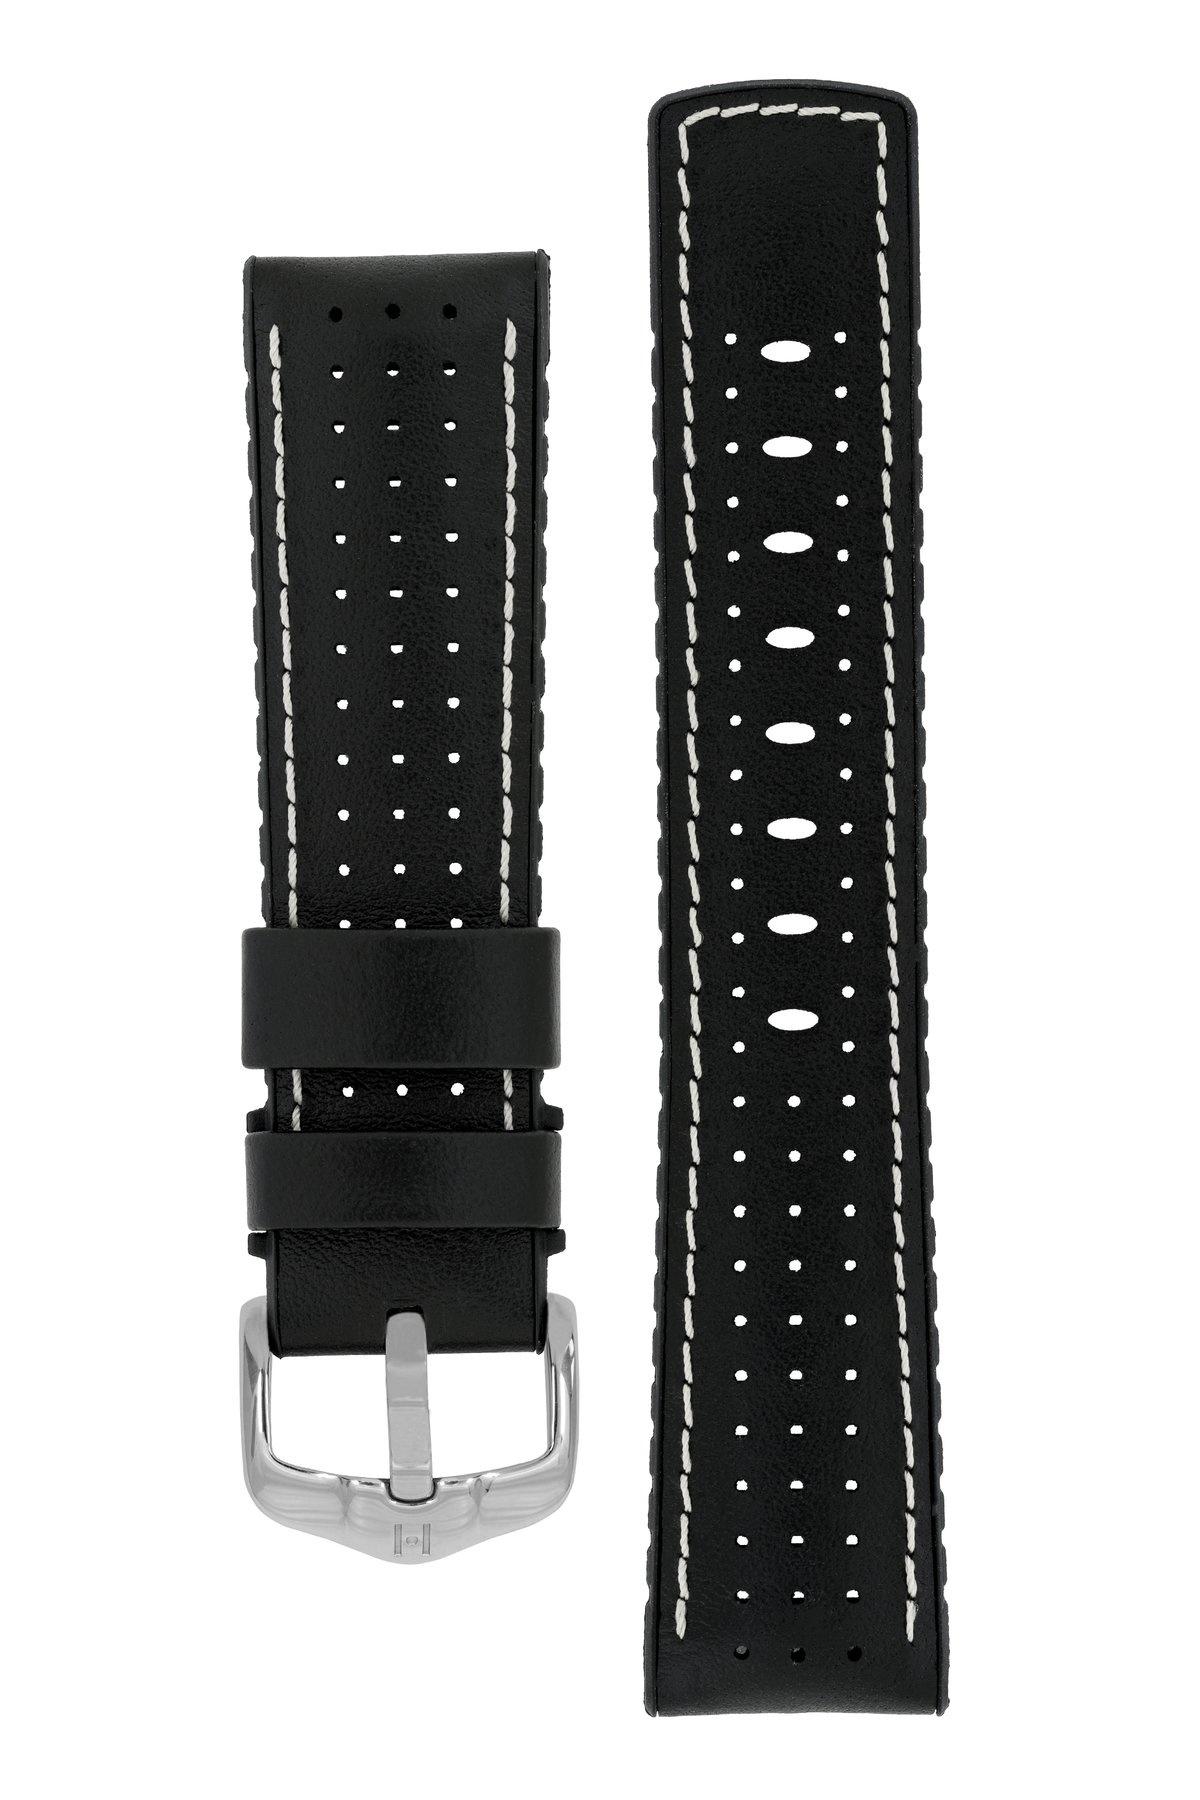 Horlogebandje Tiger Kalfsleer + Premium Caoutchouc (Rubber) 20 mm-4